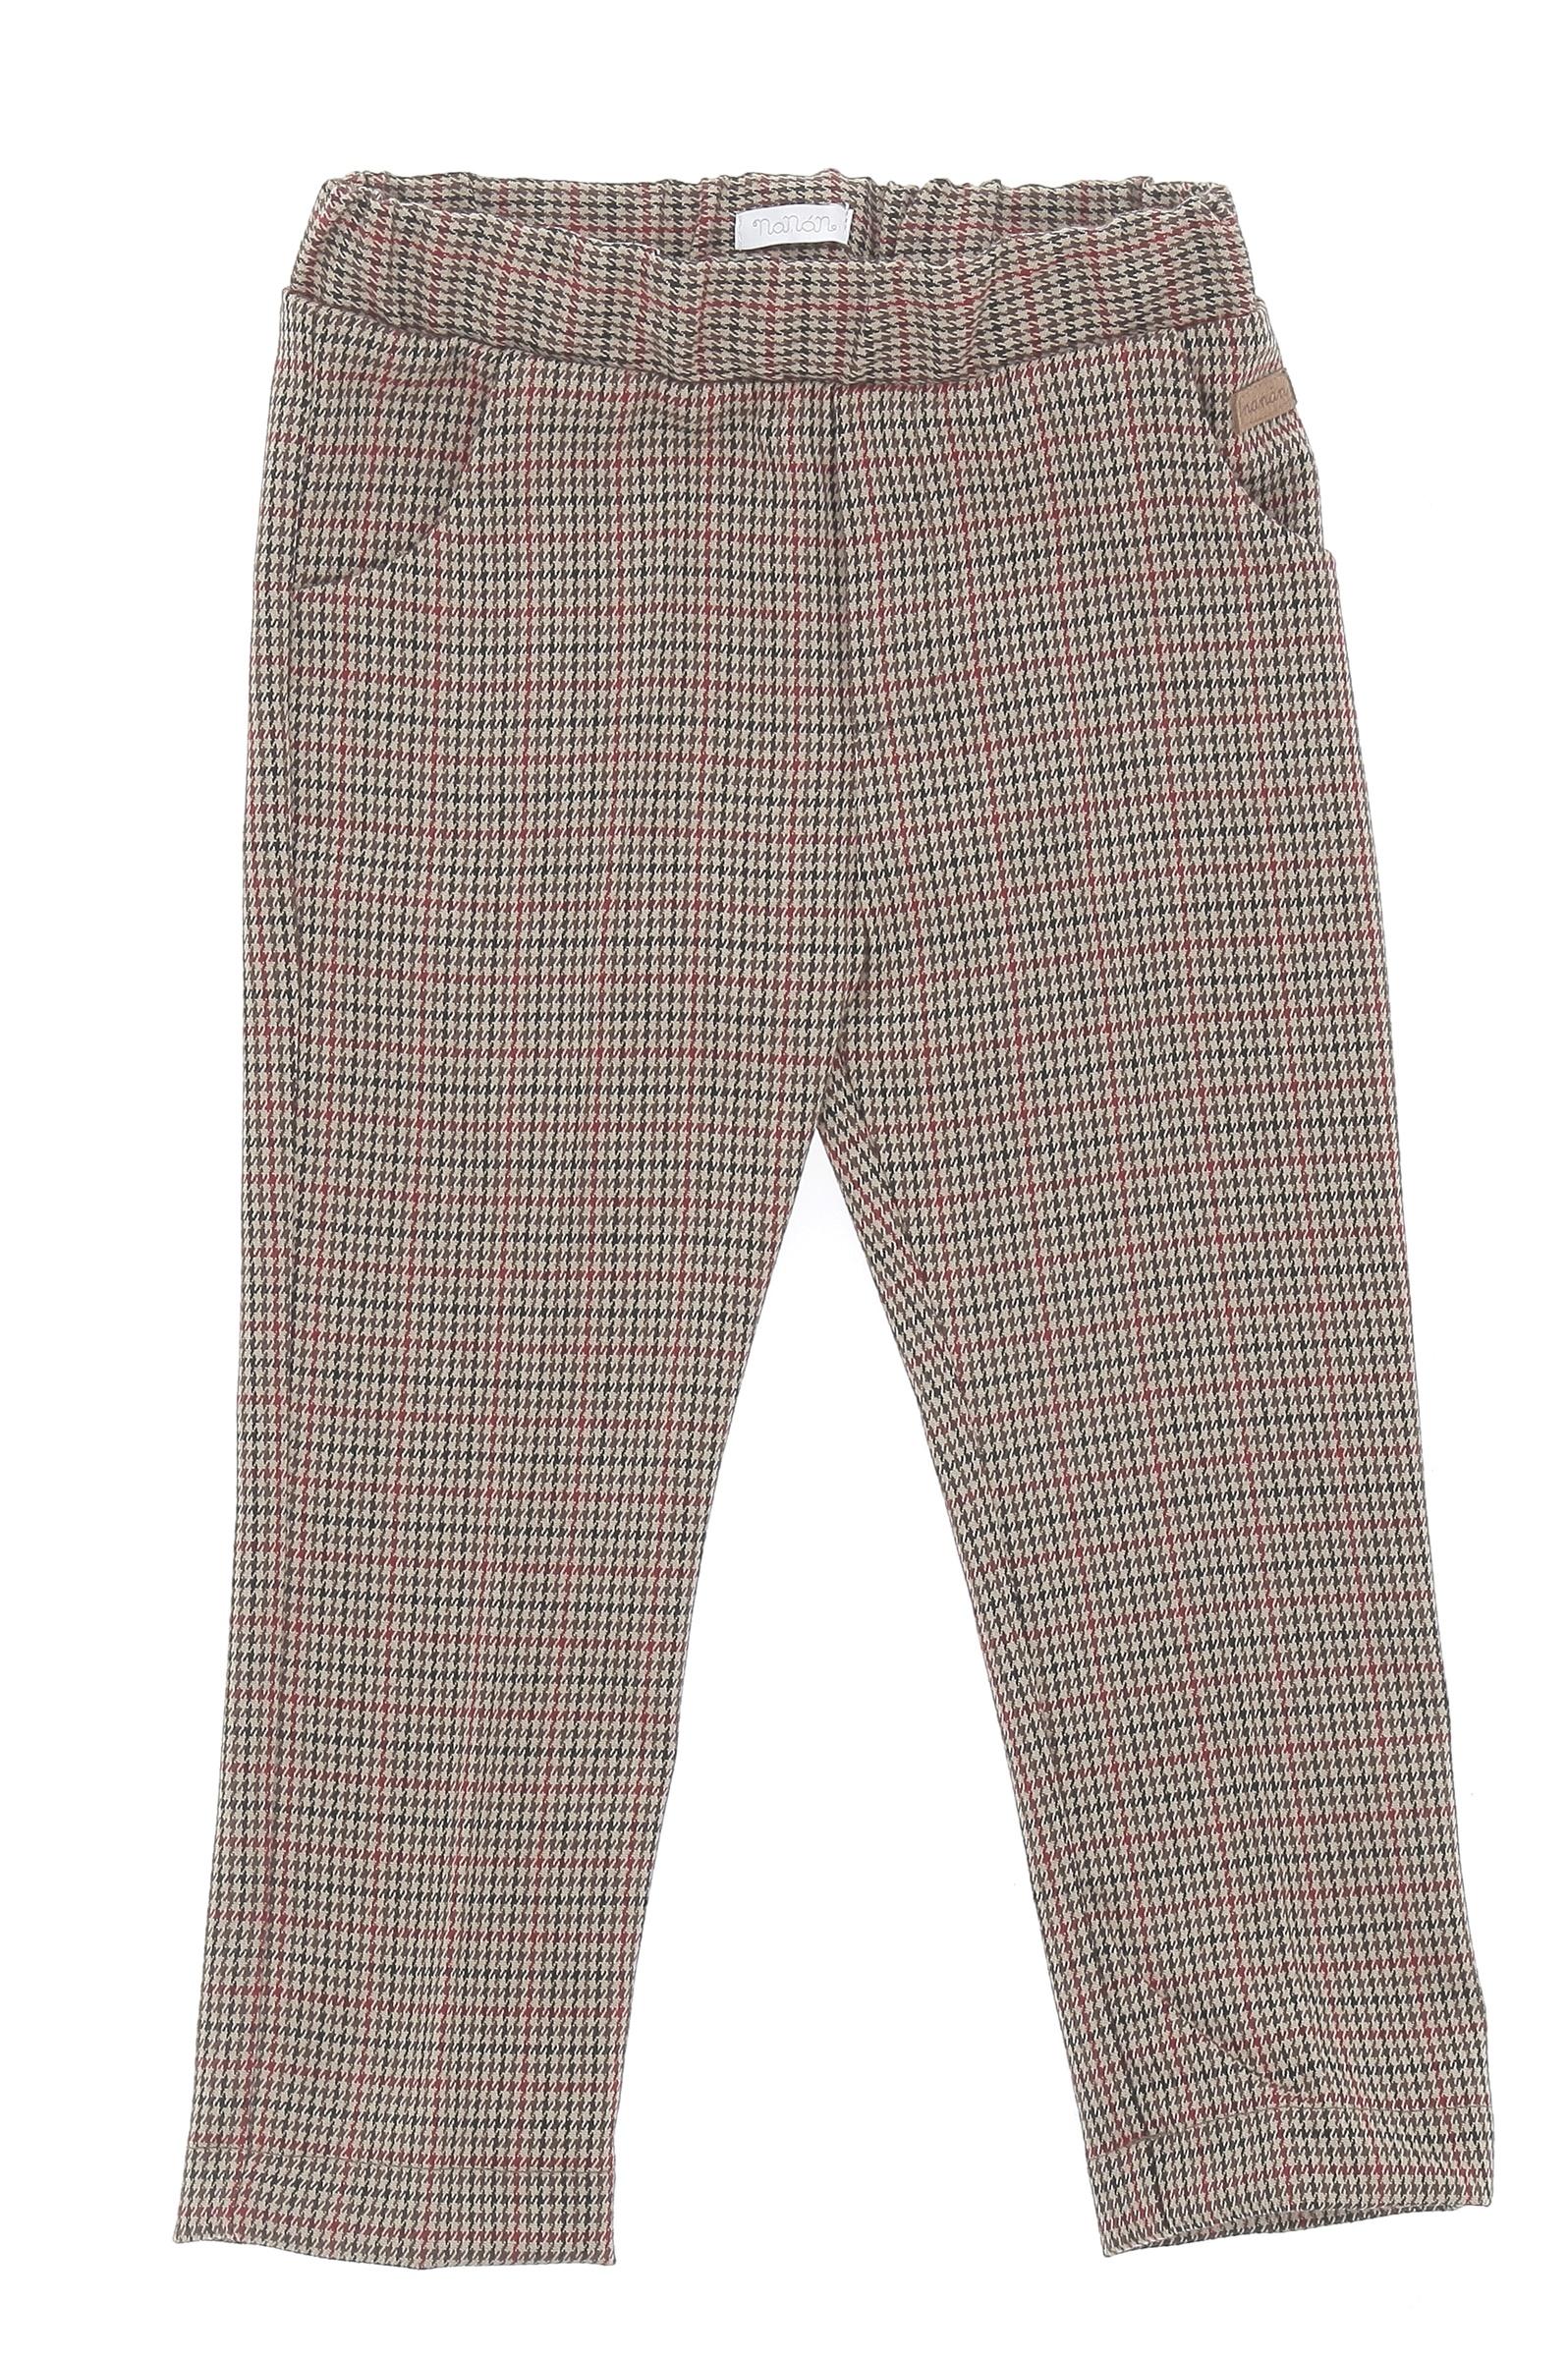 Nanan trousers NANAN | Pants | I19133M